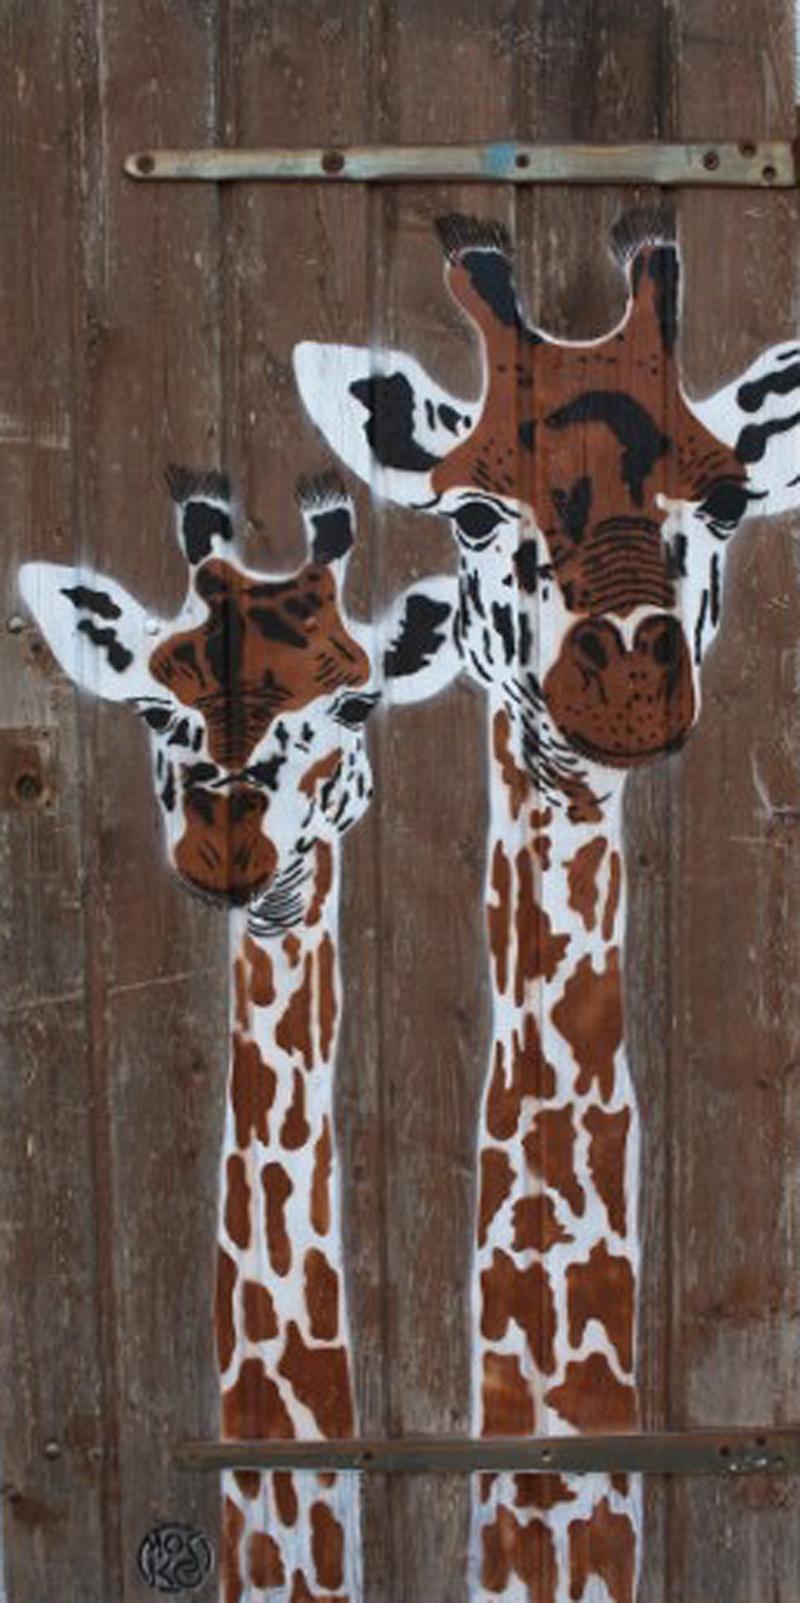 Deux girafes, pochoir, bois brut, 151 x 75 cm